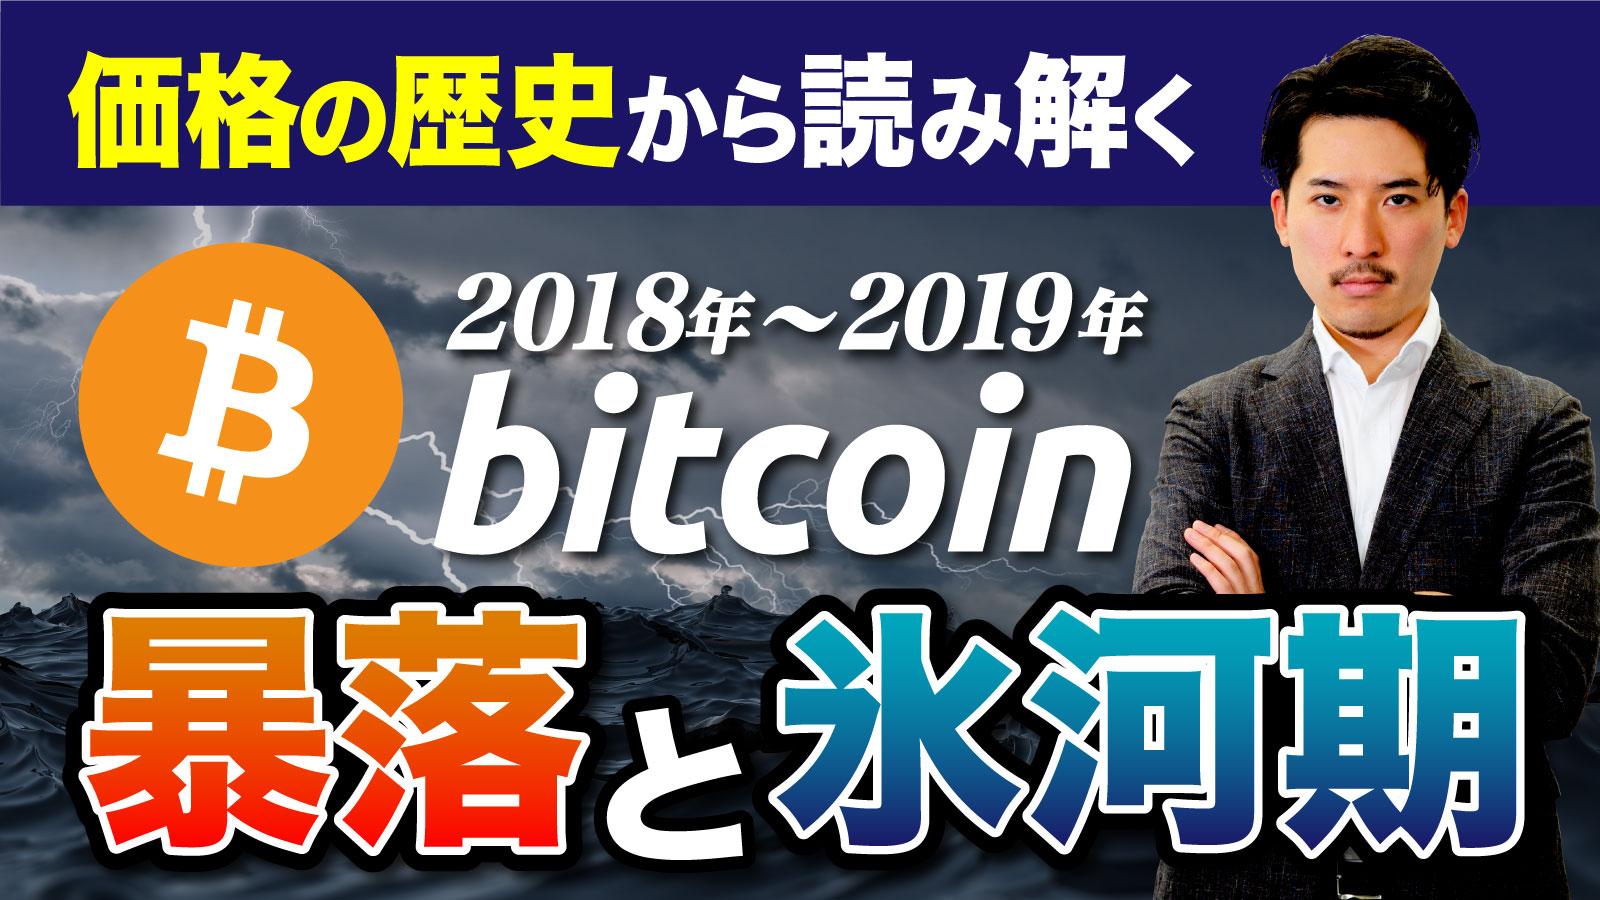 今更だけどビットコイン解説シリーズ③ - バブルの終わりとビットコイン氷河期